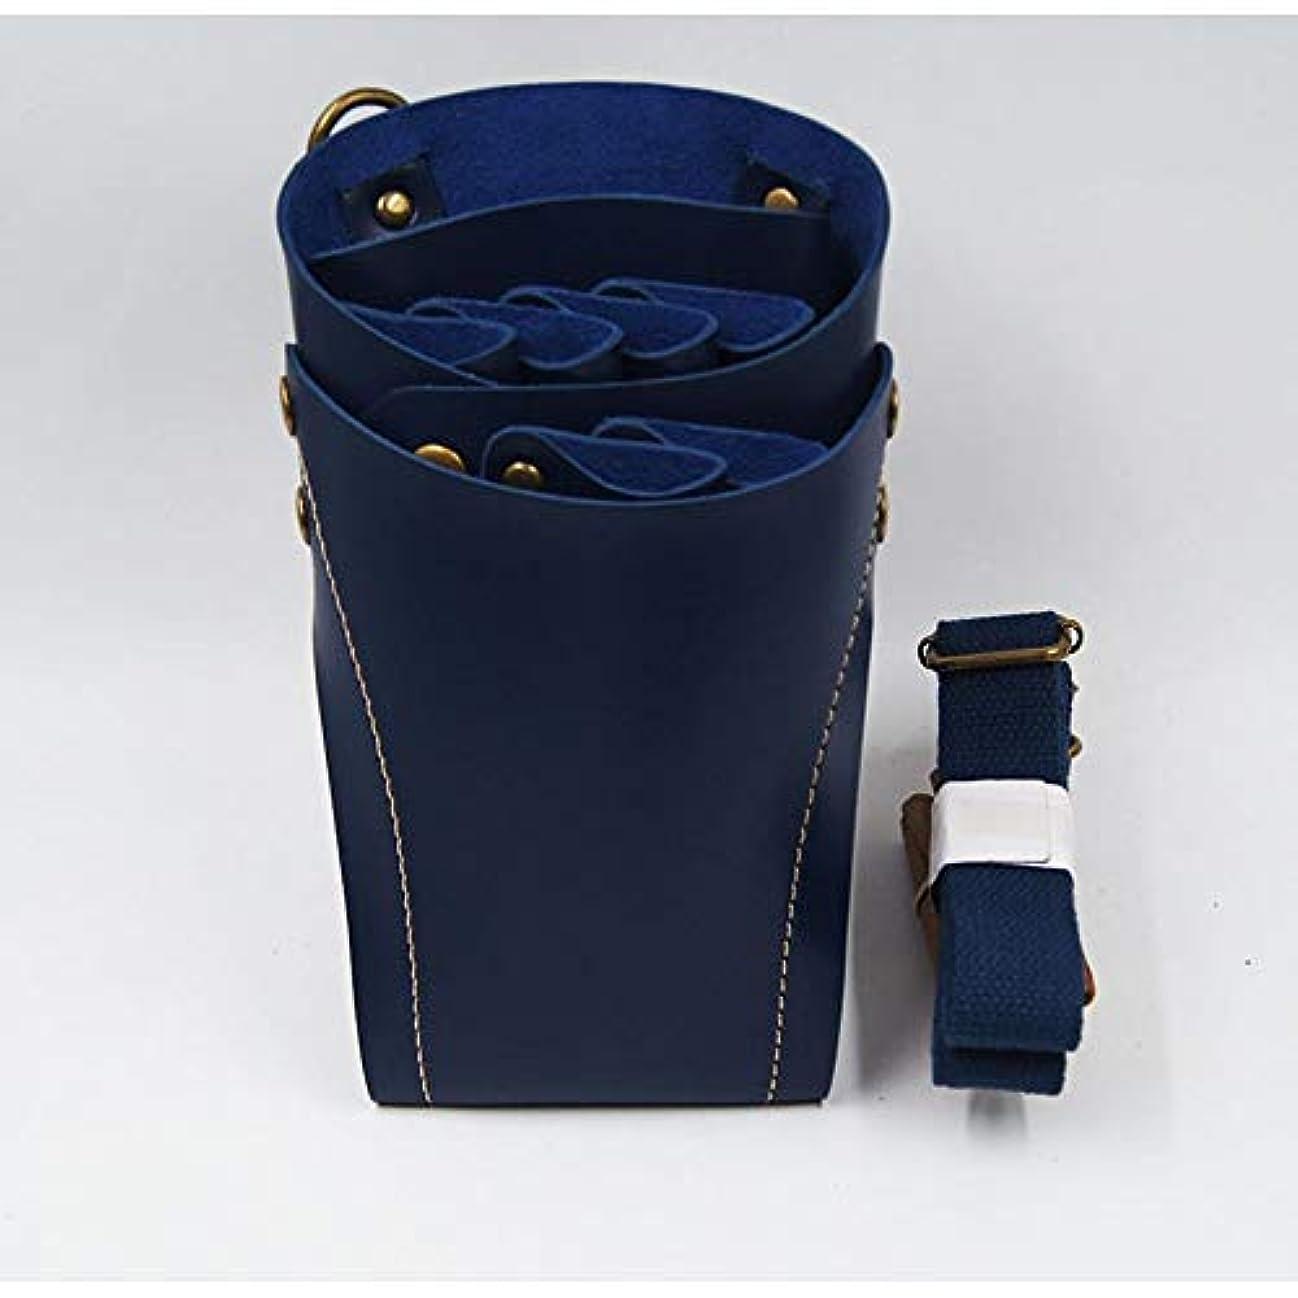 ロゴ縮れたジェットウエストショルダーベルトリベットクリップバッグすべての革床屋はさみ理髪ホルスターポーチに最適 モデリングツール (色 : 青)